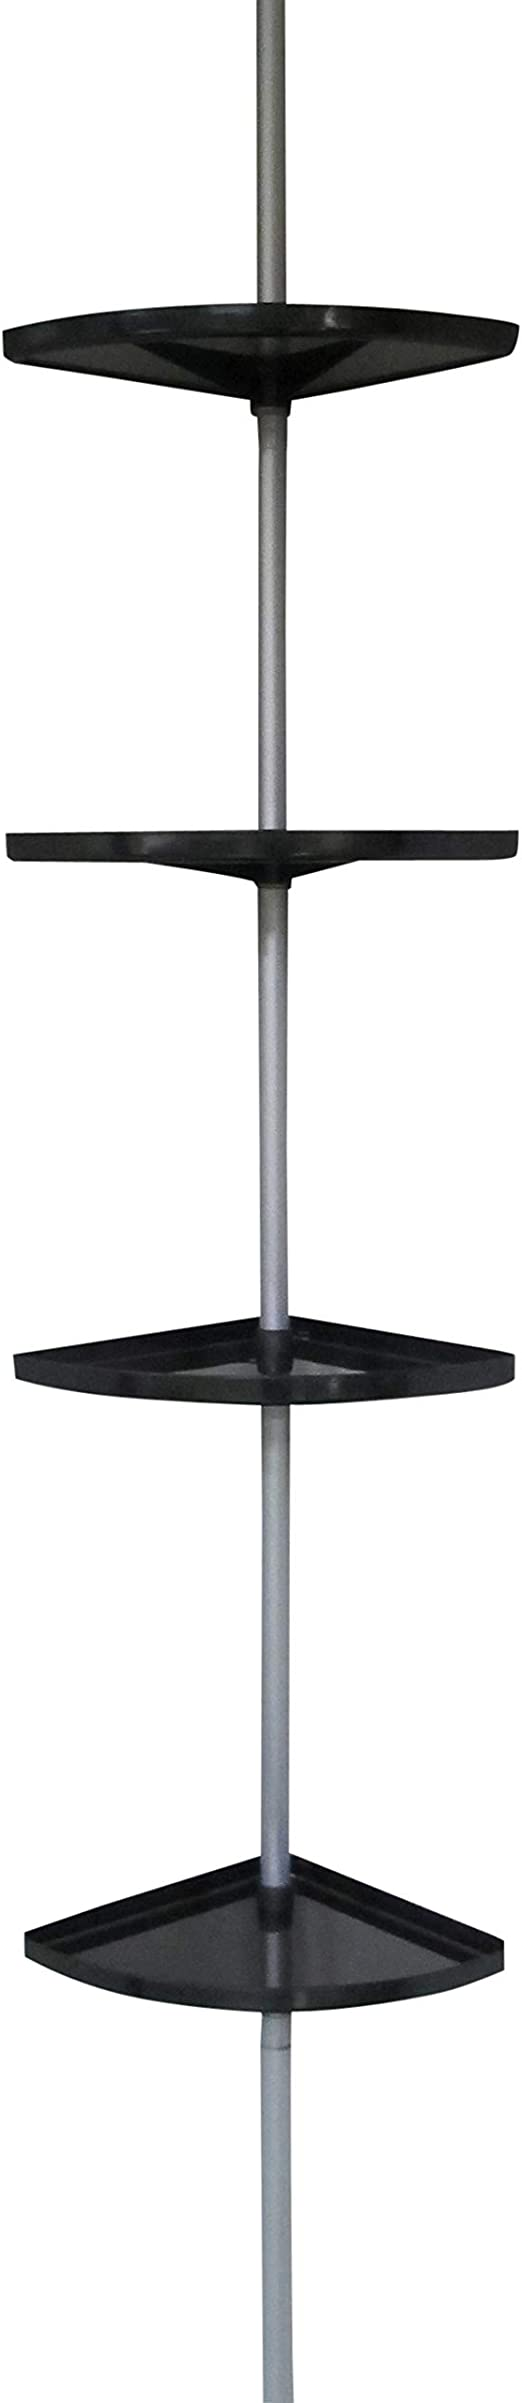 Estantería en Àngulo Telescópica para Ducha Erica, con 4 Baldas de Color Negro, Barra Extensible de 155-280 cm, Revestimiento de PVC Plateado, 100 % ...